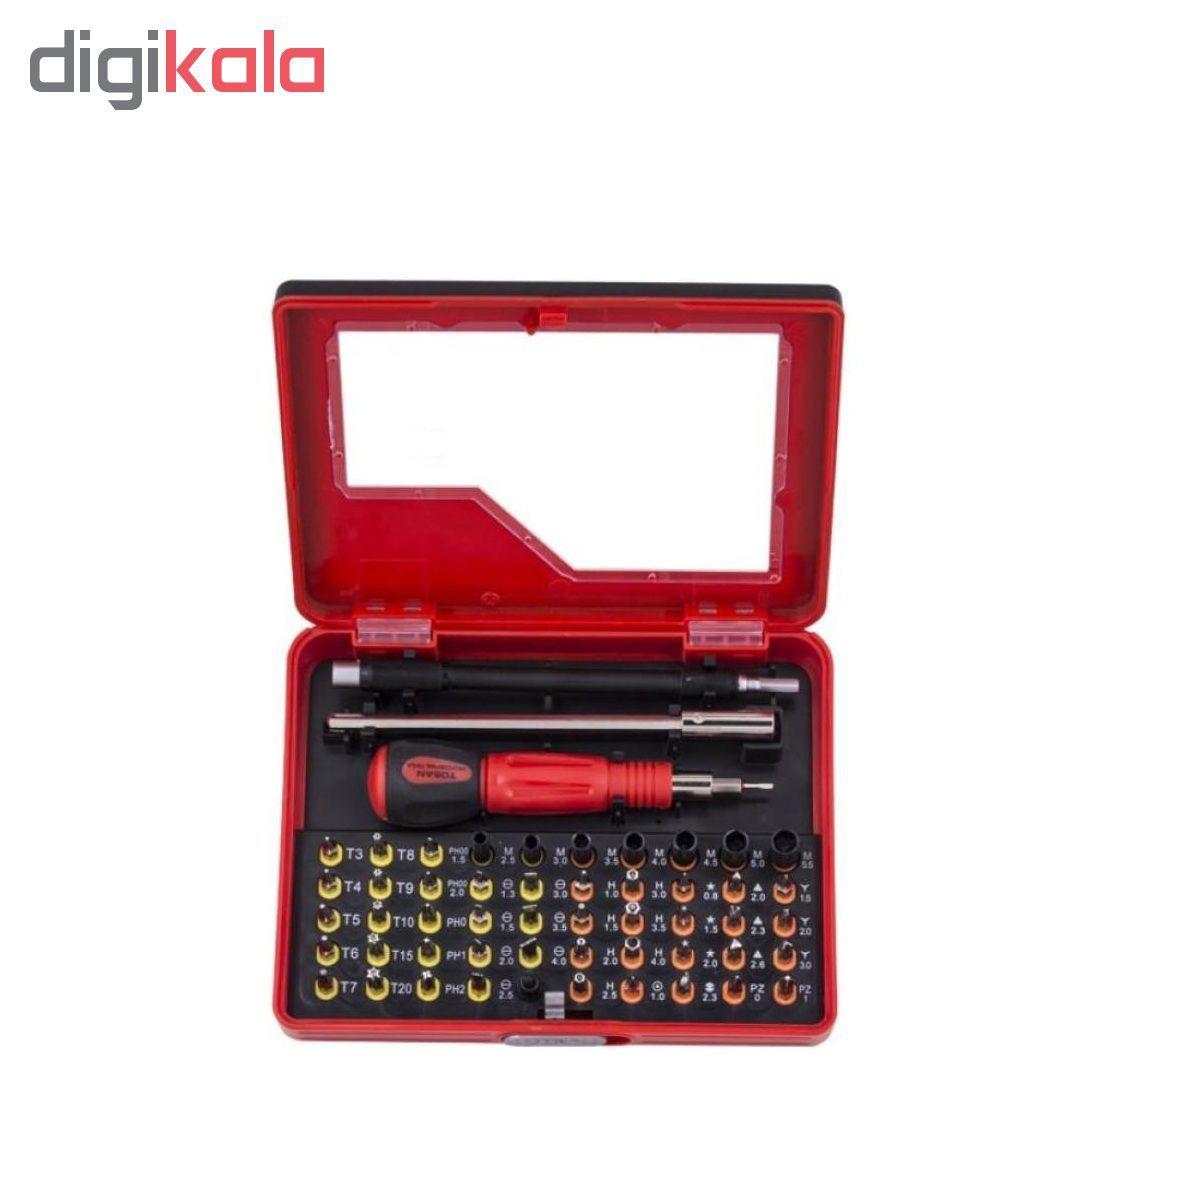 مجموعه  54 عددی پیچ گوشنی توسن مدل T8316-S54 main 1 1